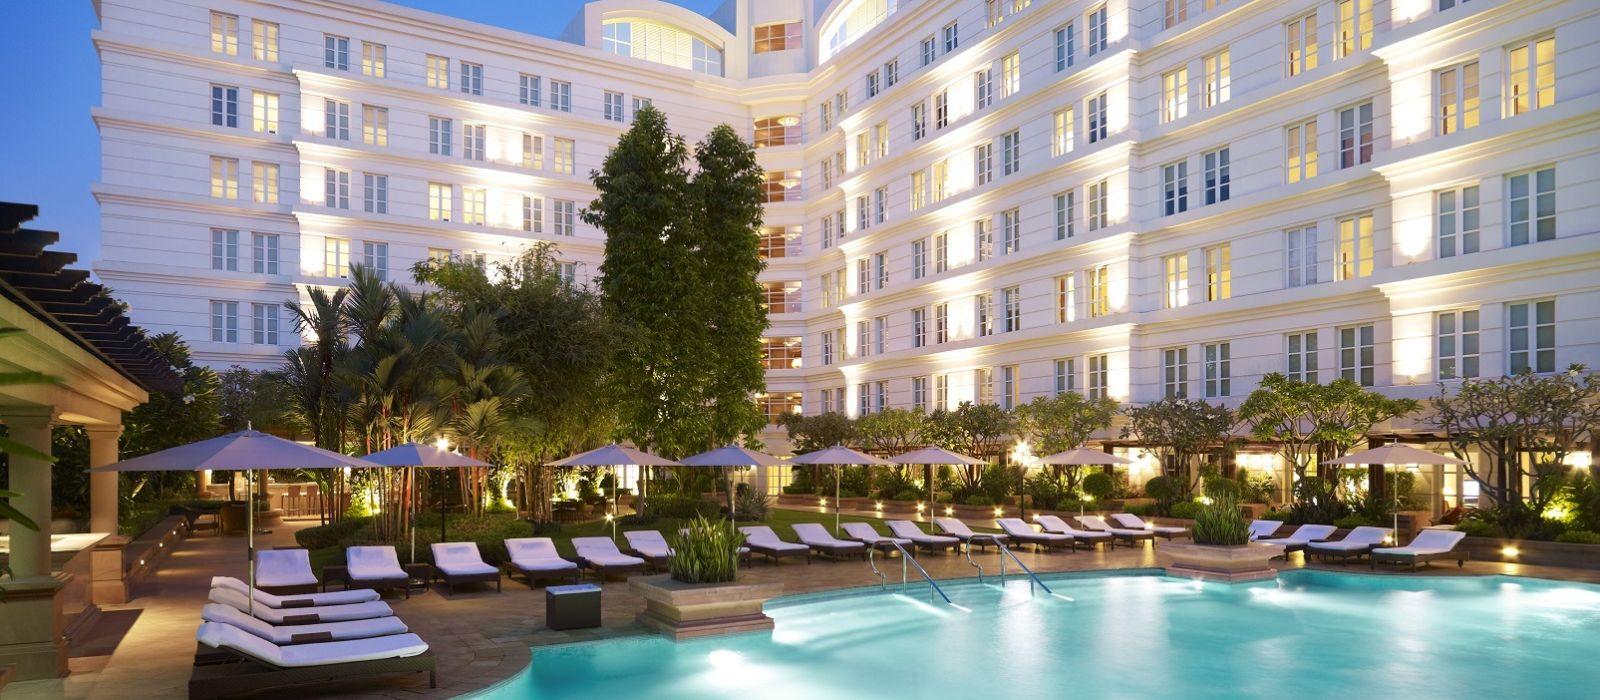 Hotel Saigon Park Hyatt (Ho Chi Minh City) Vietnam